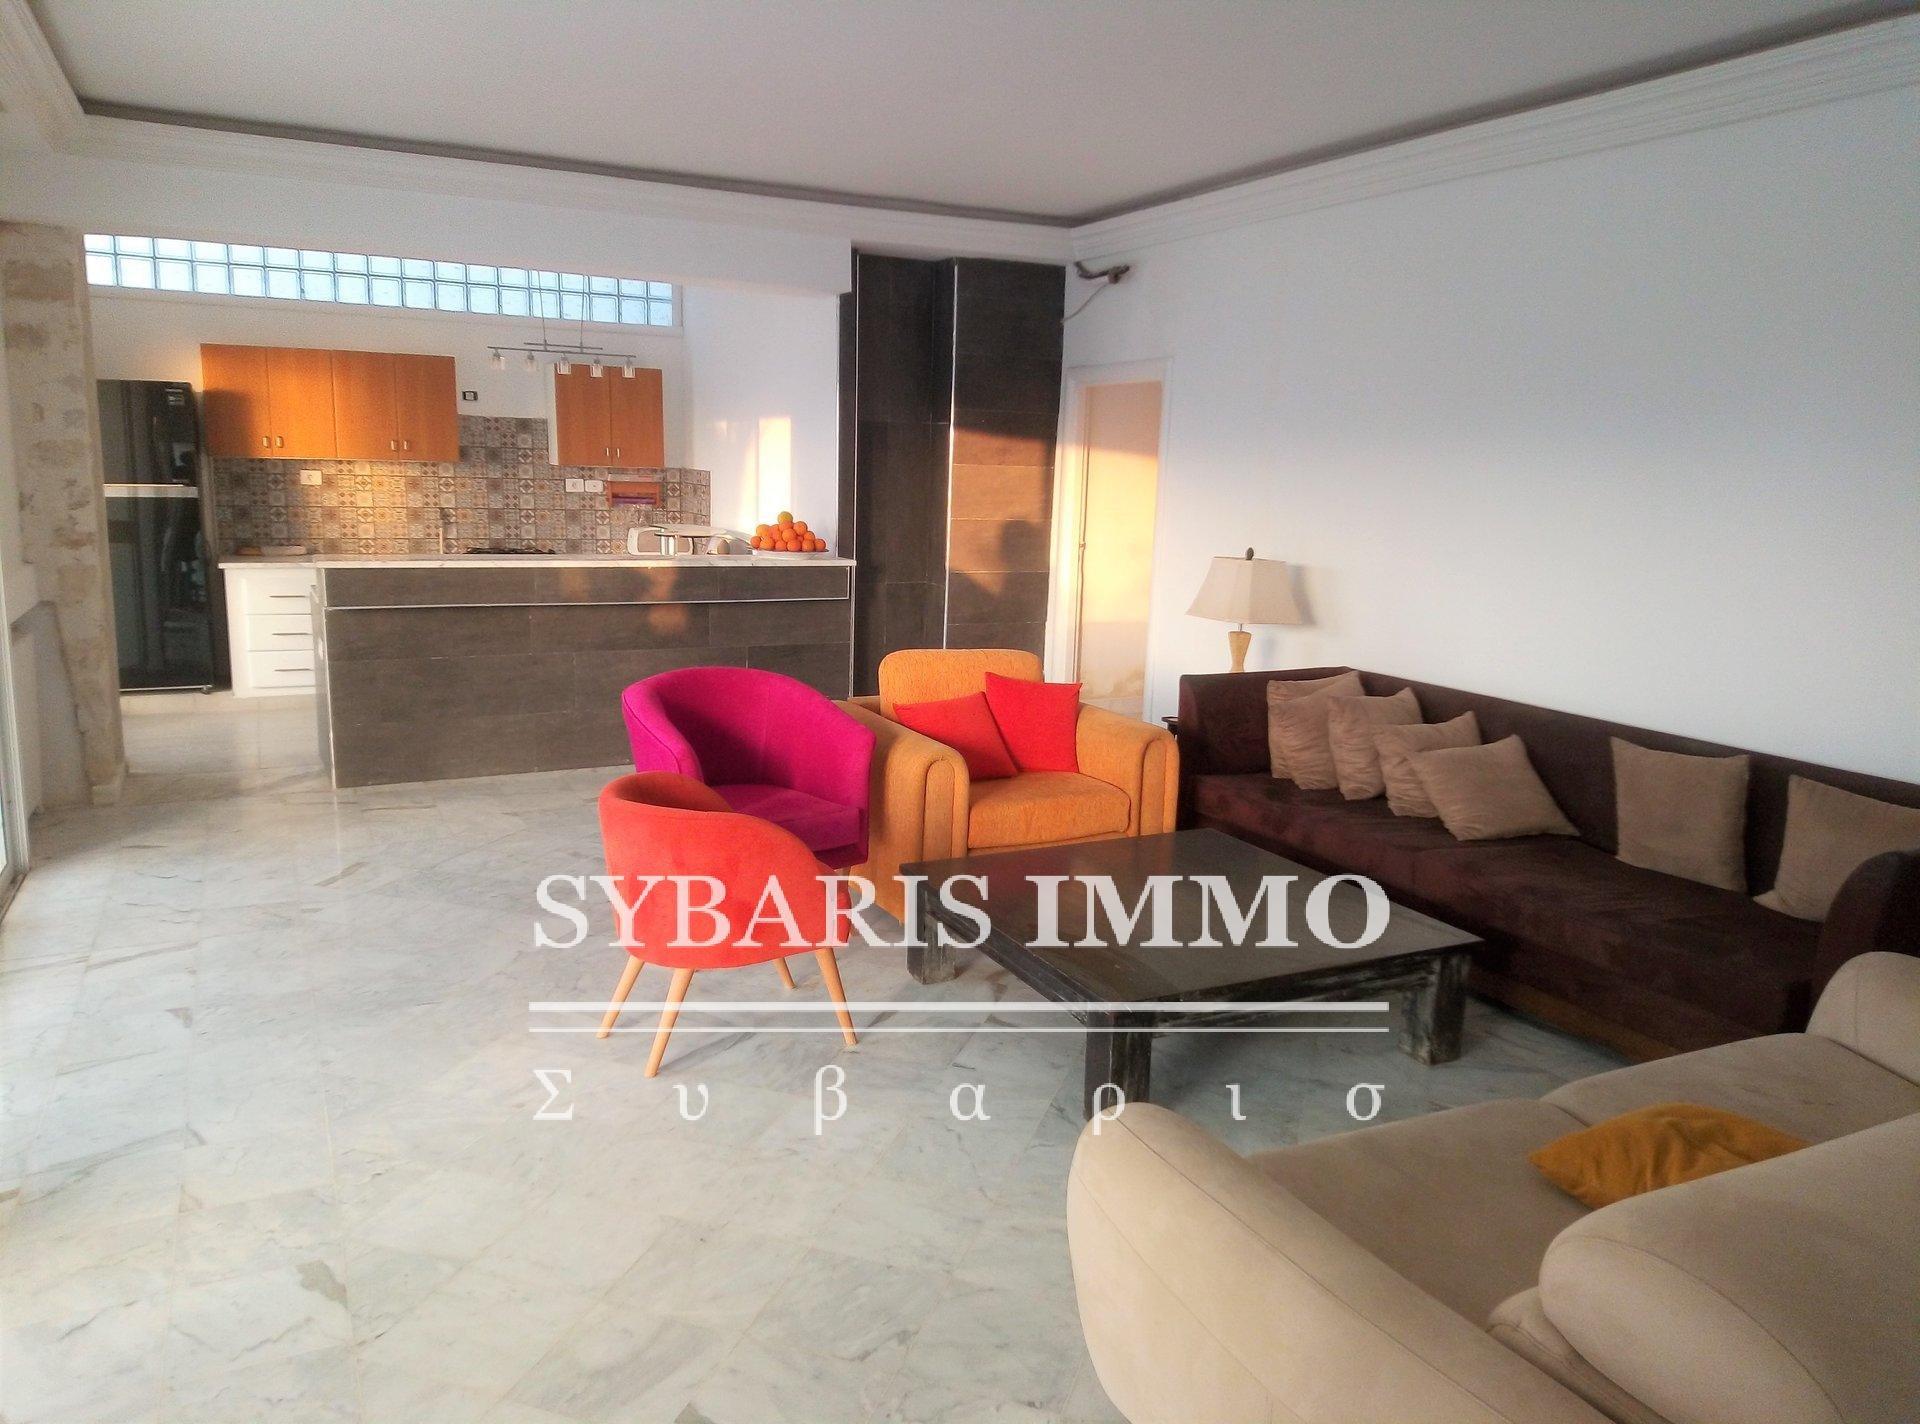 location rez-de-chaussée meublé avec jardin a carthage - Tunis